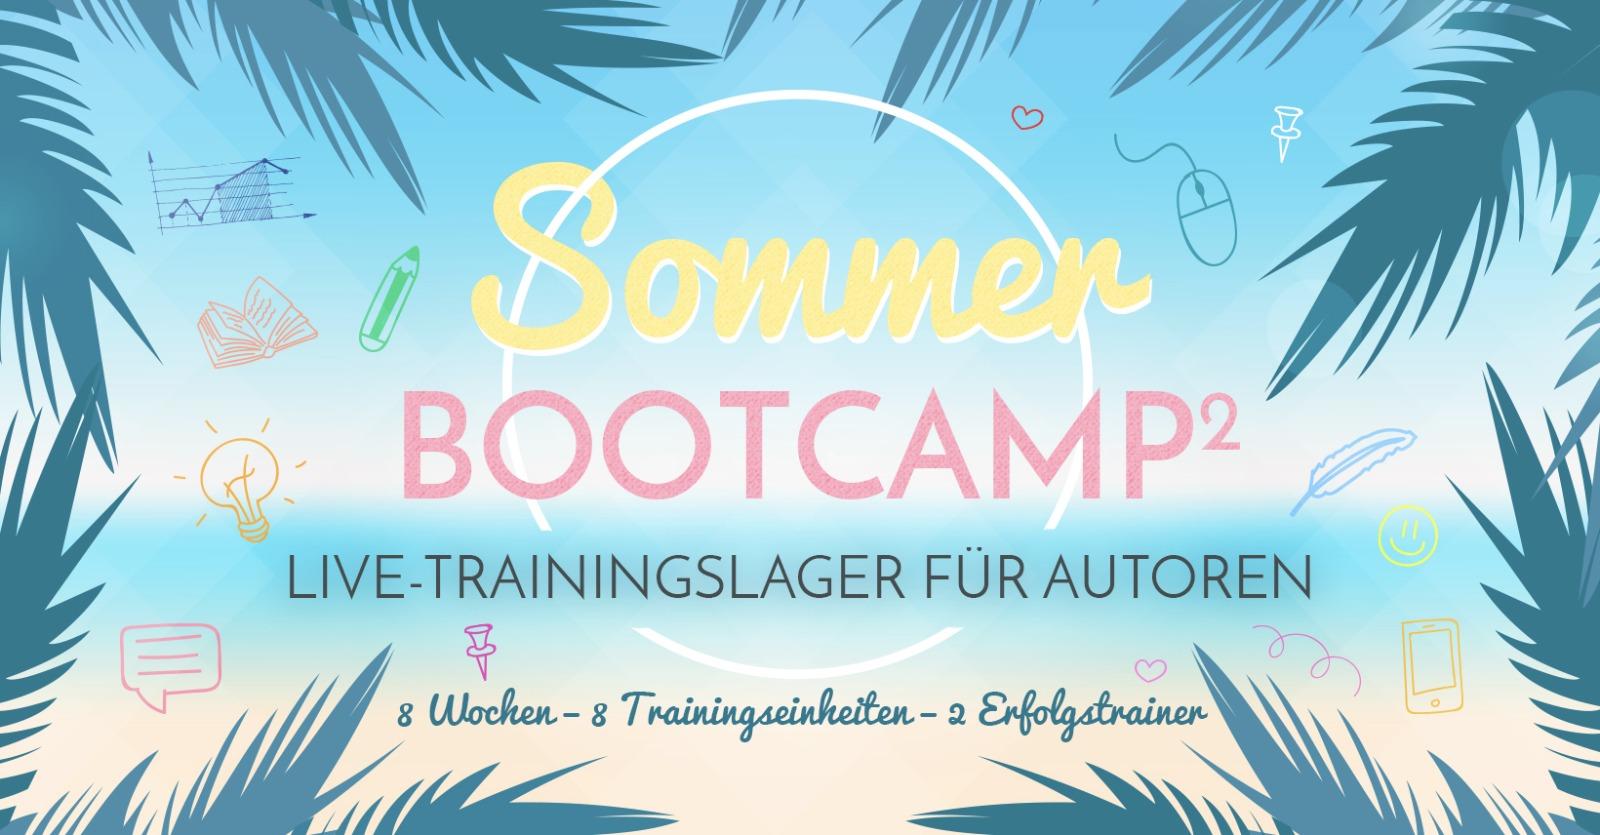 Das Sommer-Bootcamp² für Autoren